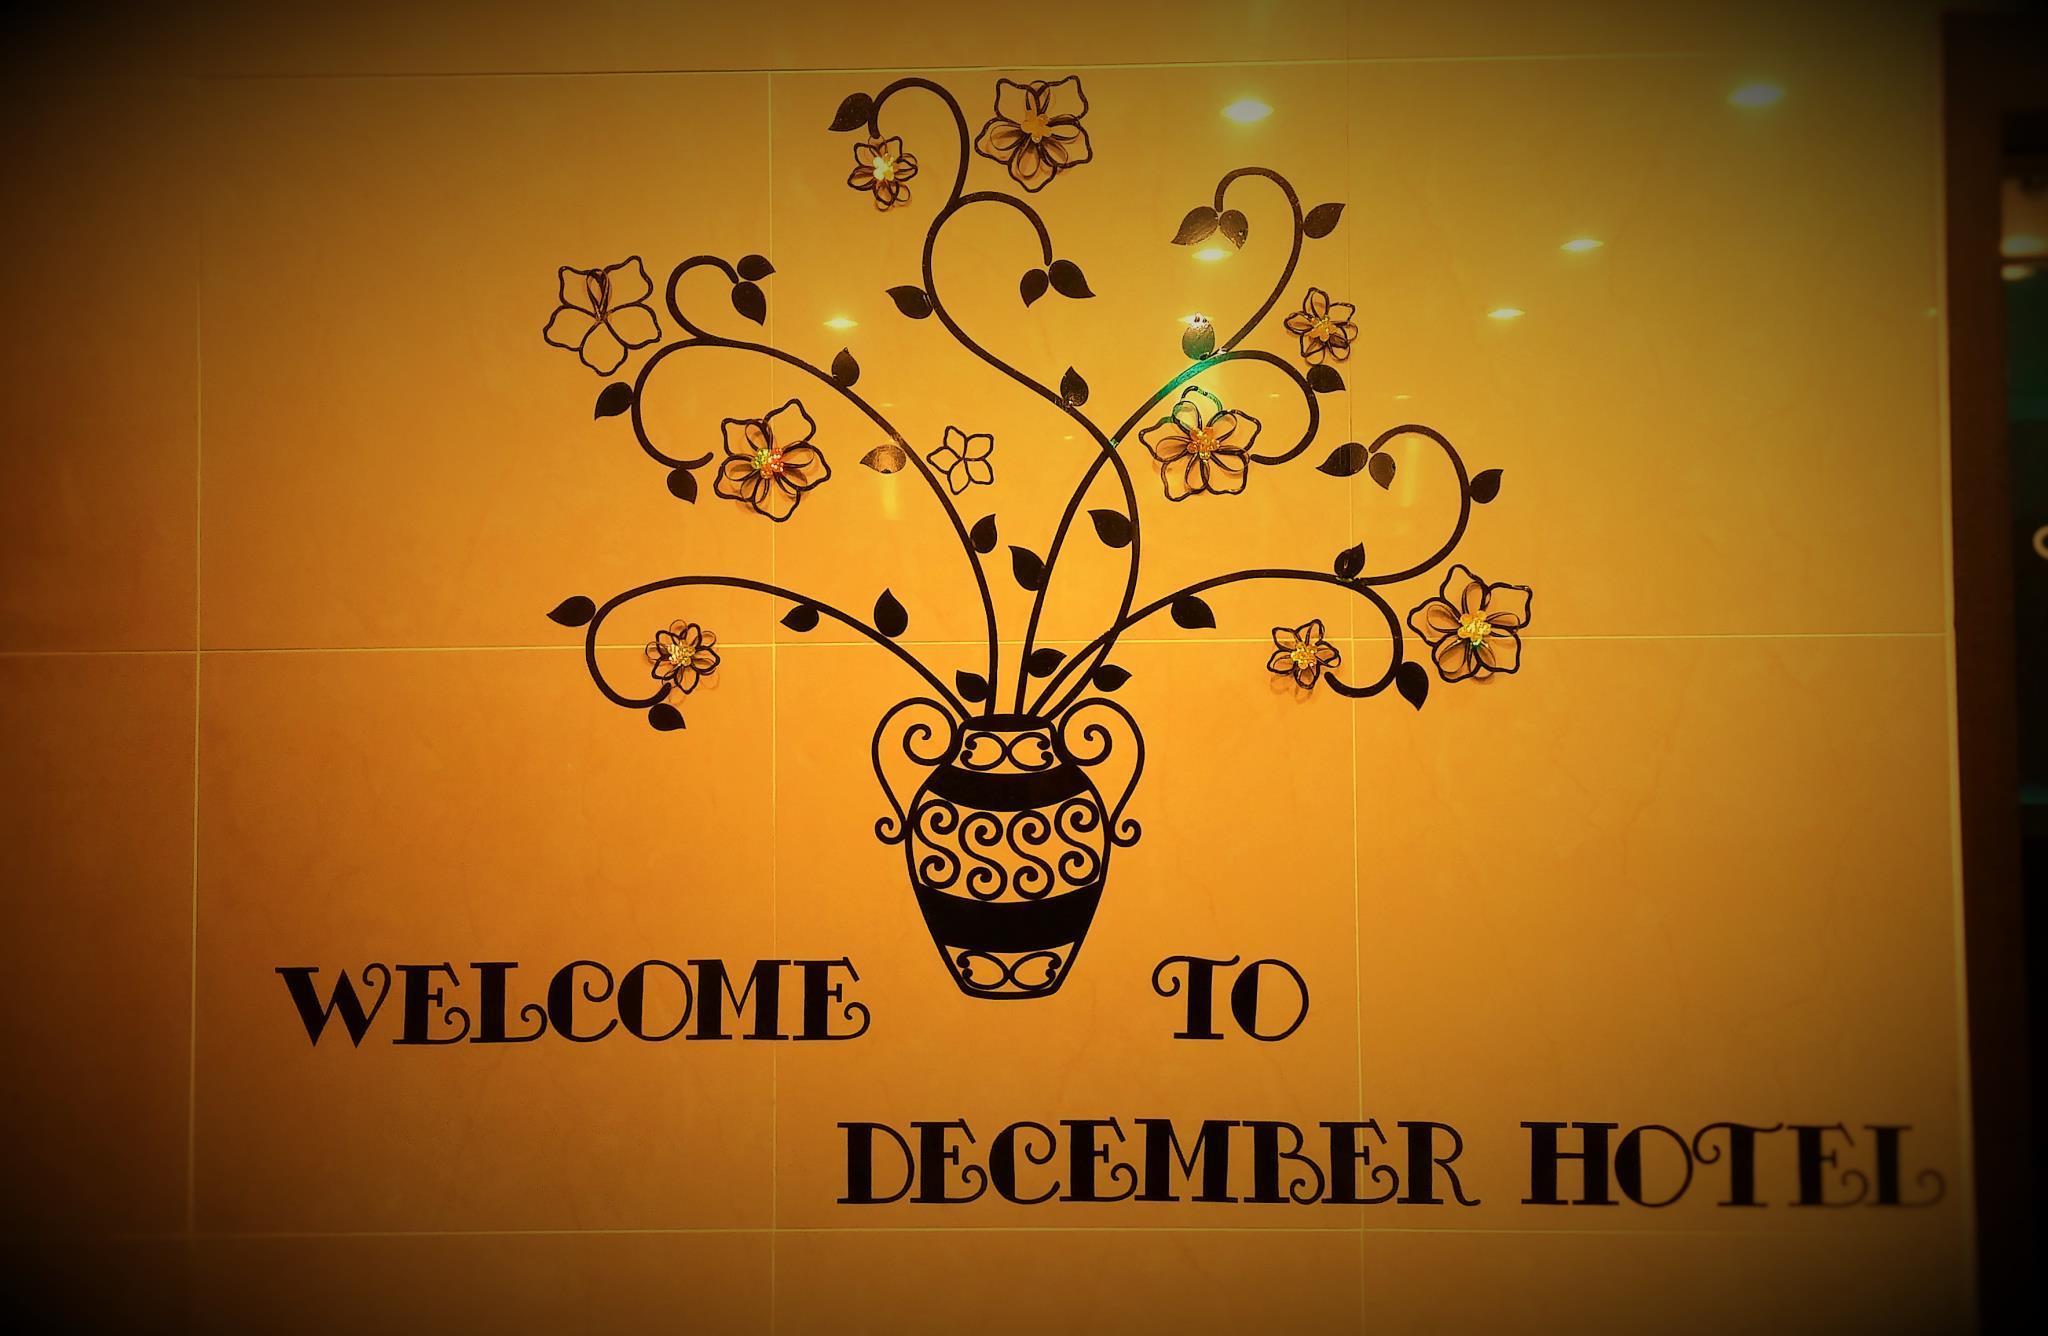 December Hotel